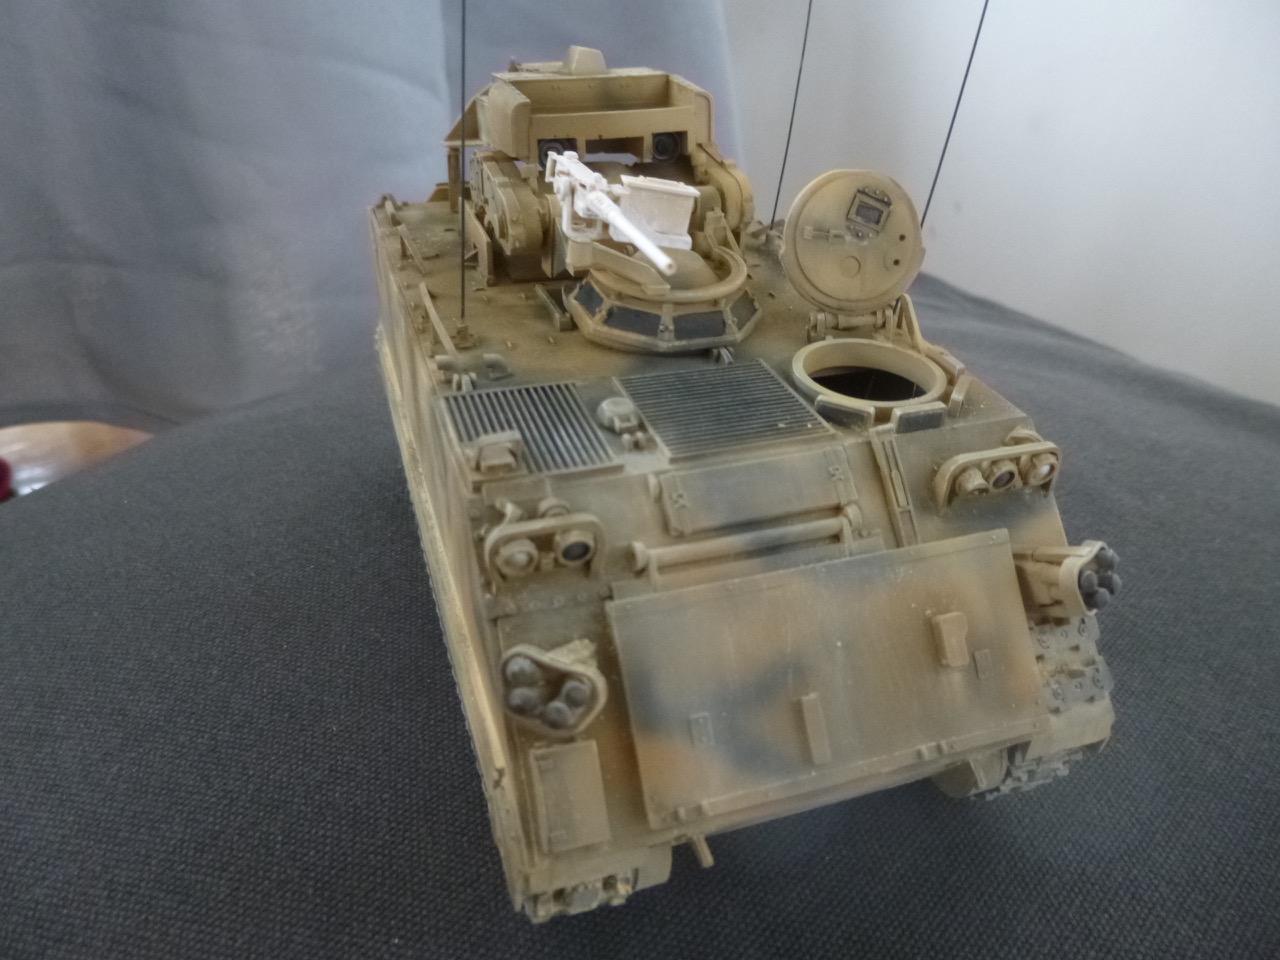 M113 / M109 Tow, une conversion en résine Verlinden au 1/35, base Tamiya 170123124057445203